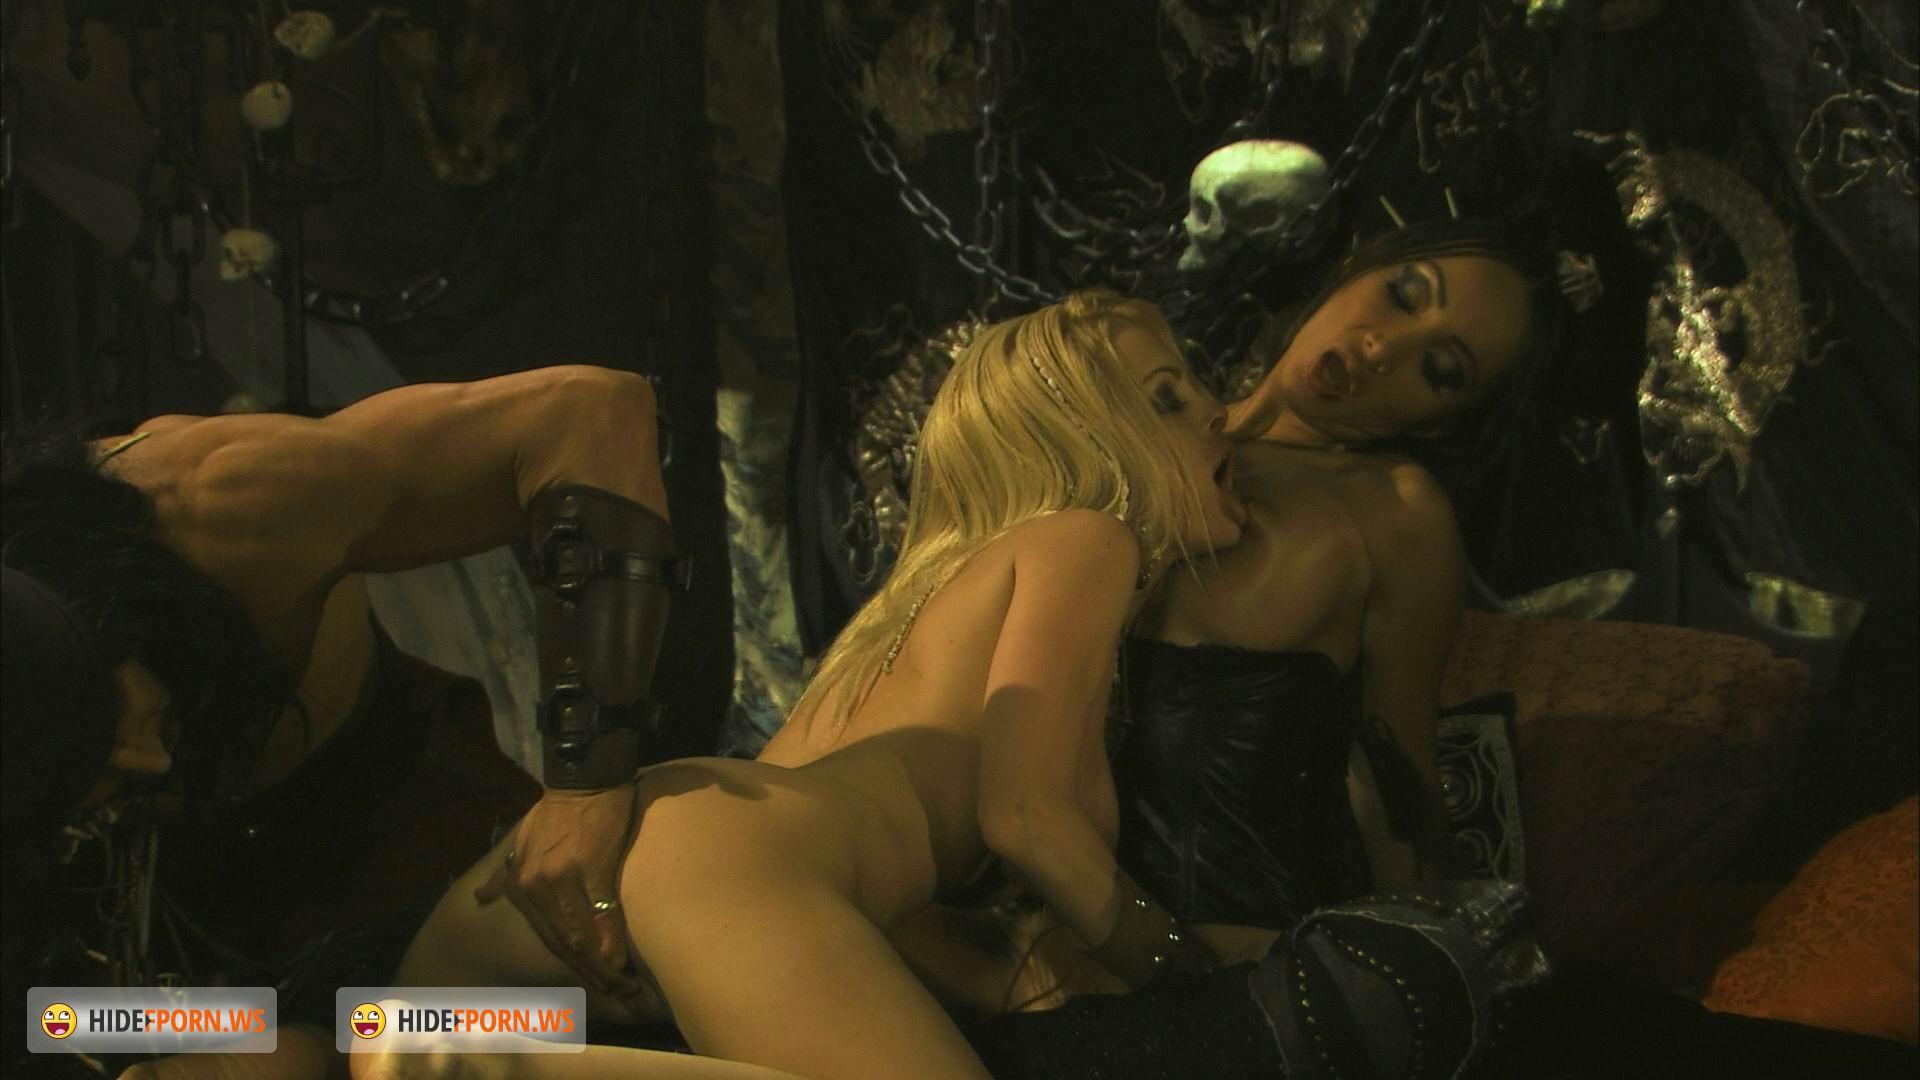 Смотреть порно пила с переводом, Порно видео Порно пародия на фильм ужасов Пила 5 фотография